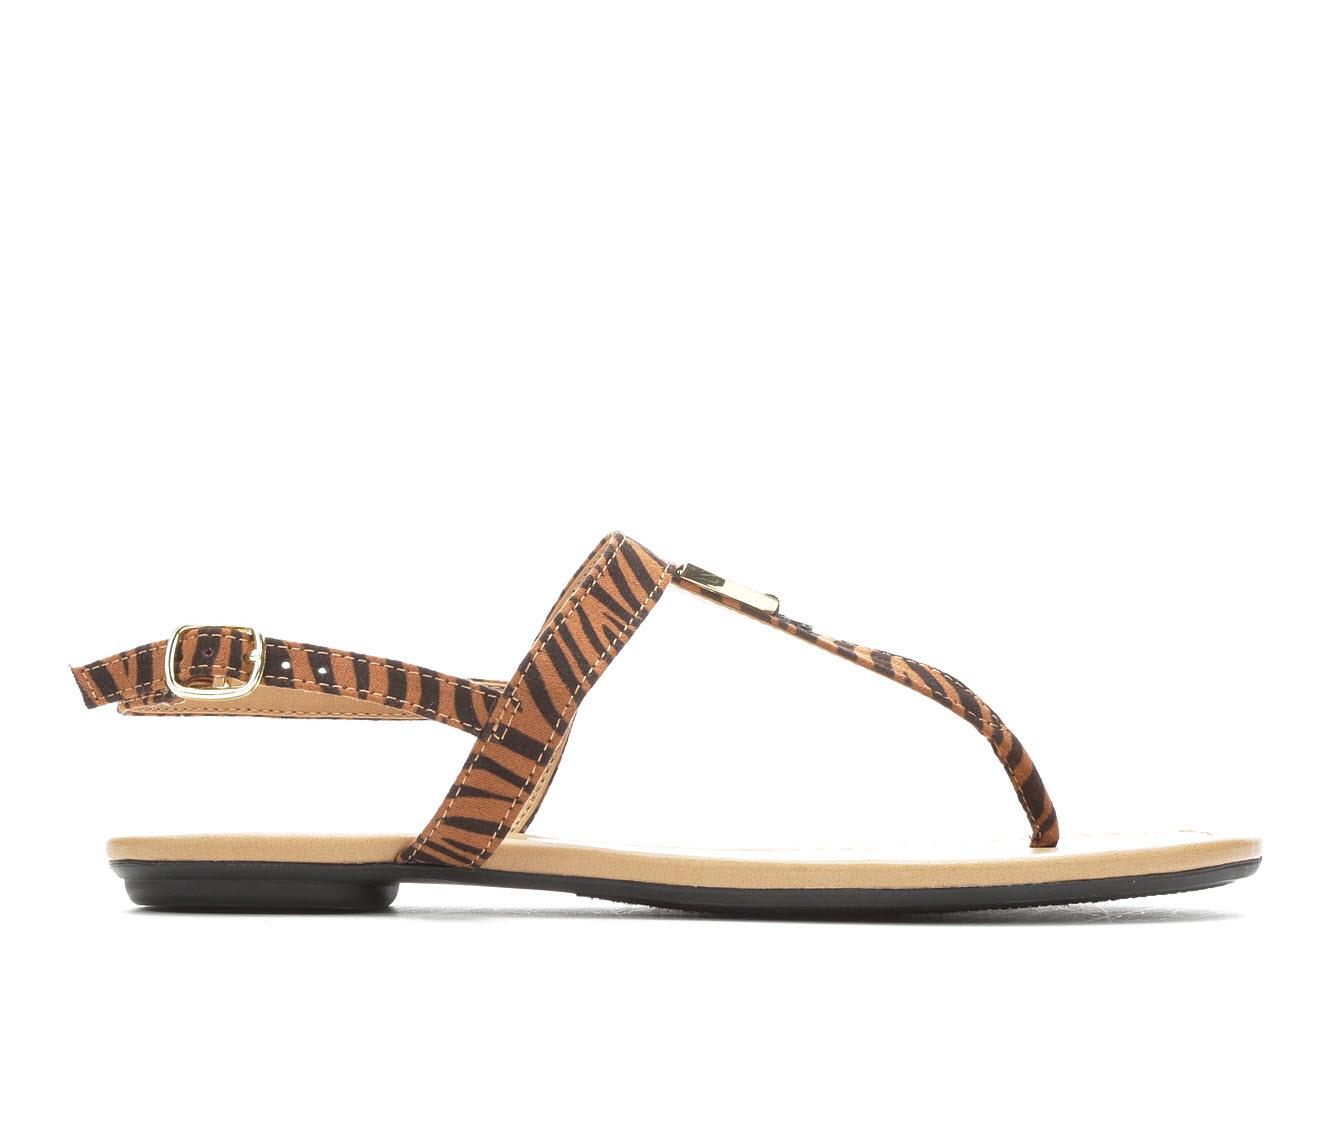 Solanz Gallant Women's Sandal (Beige Faux Leather)